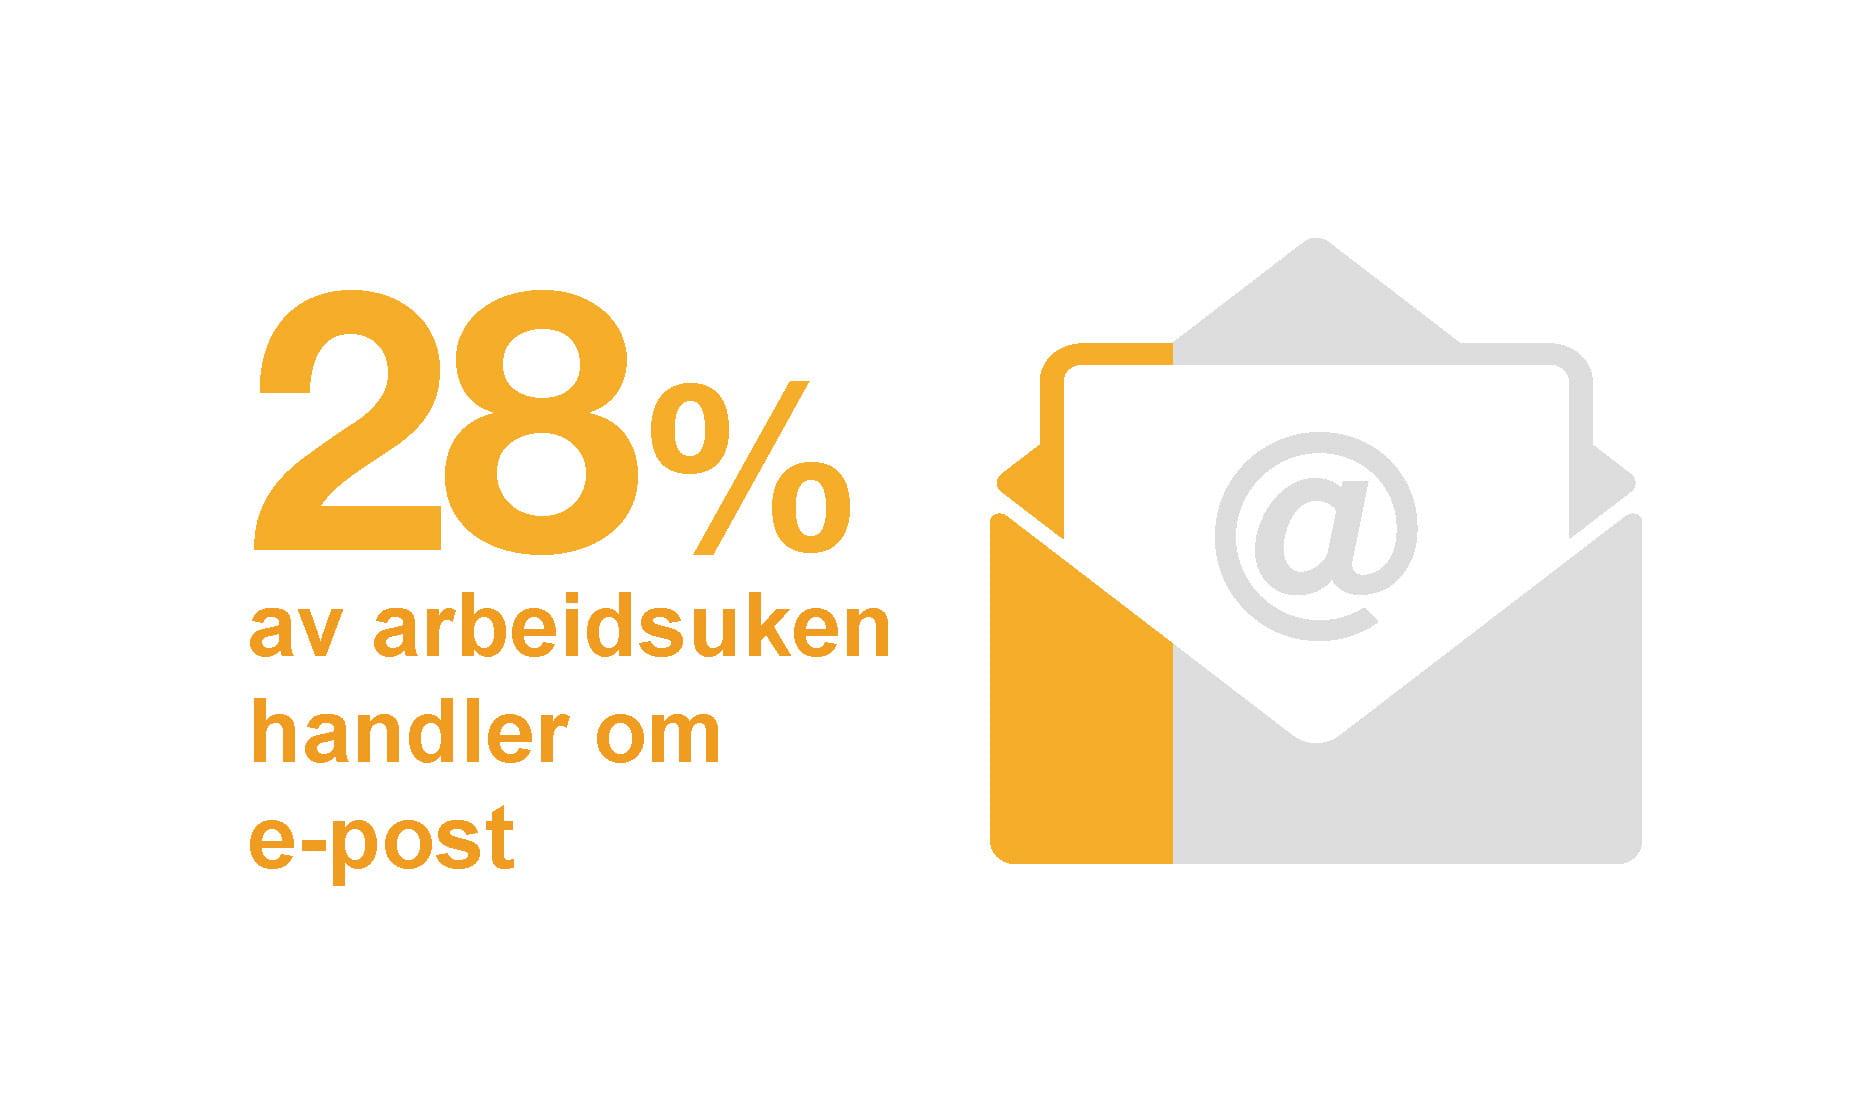 28 % av arbeidsuken handler om e-post informasjonsgrafikk